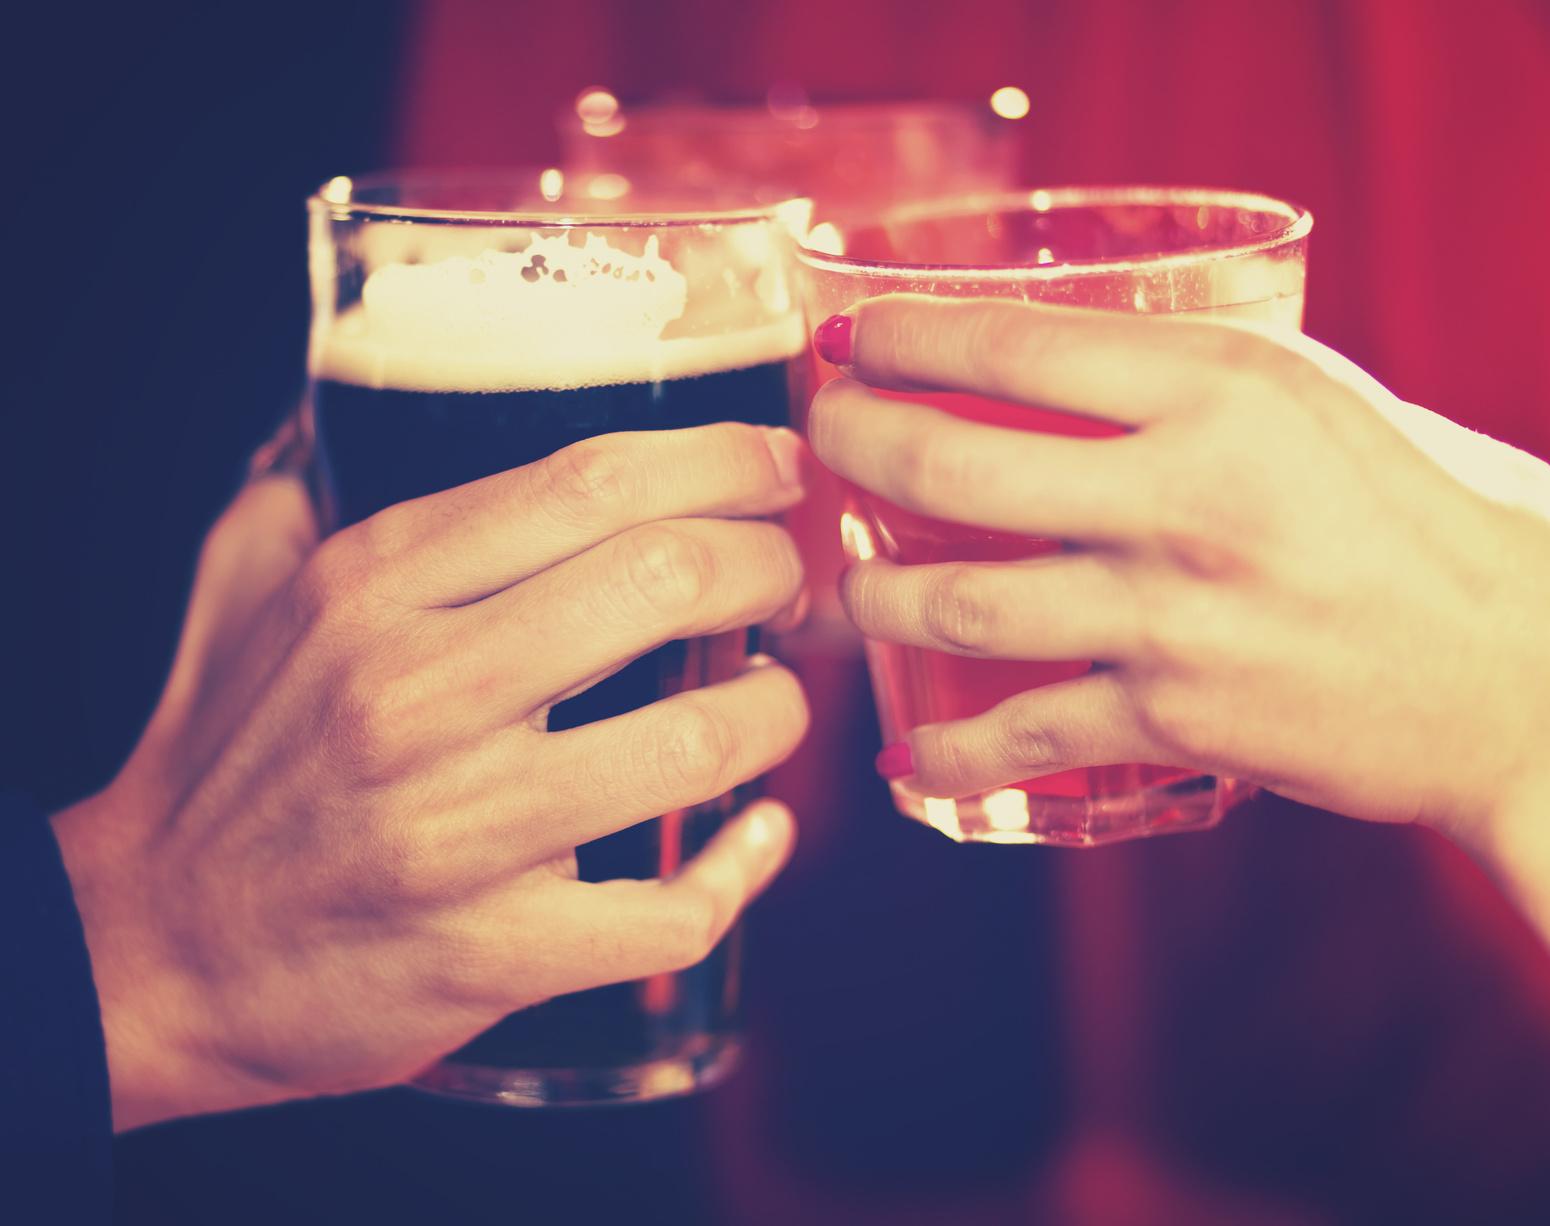 kobiety upijają się szybciej od mężczyzn